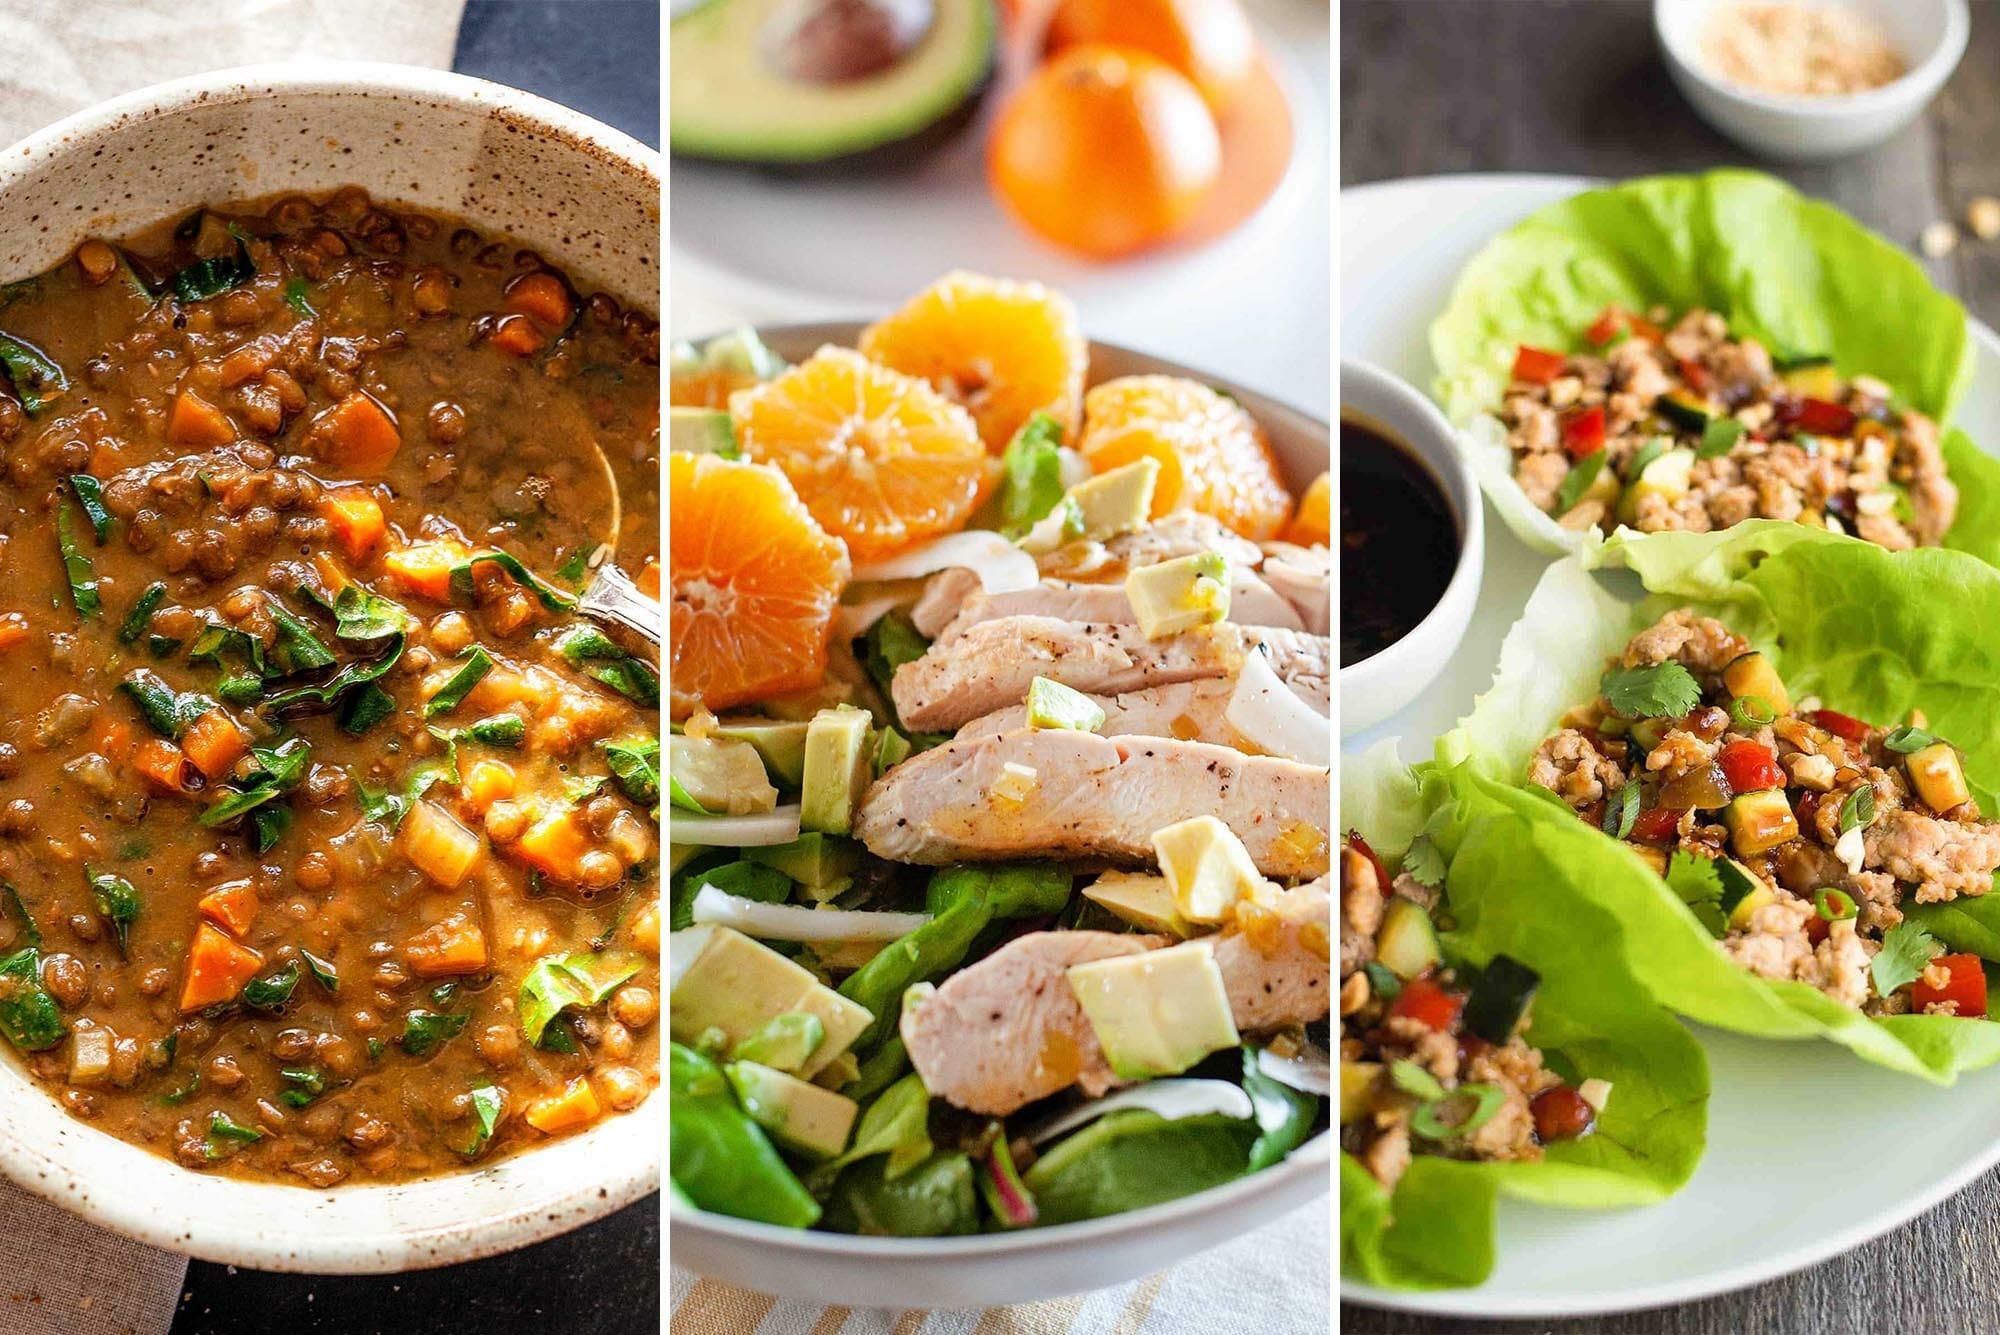 5 almuerzos fáciles de preparar con anticipación para el hogar familiar durante las vacaciones